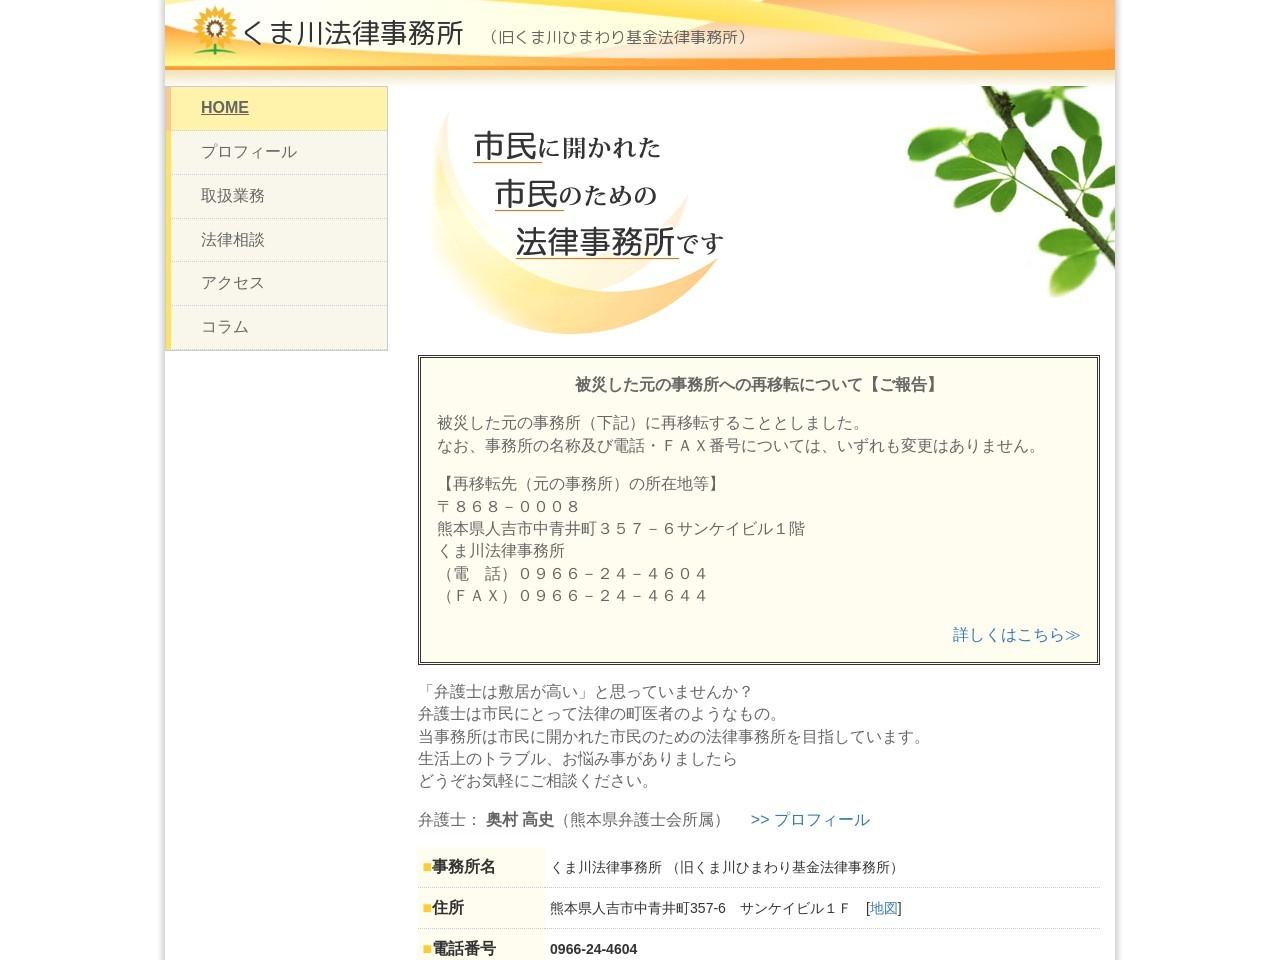 くま川法律事務所